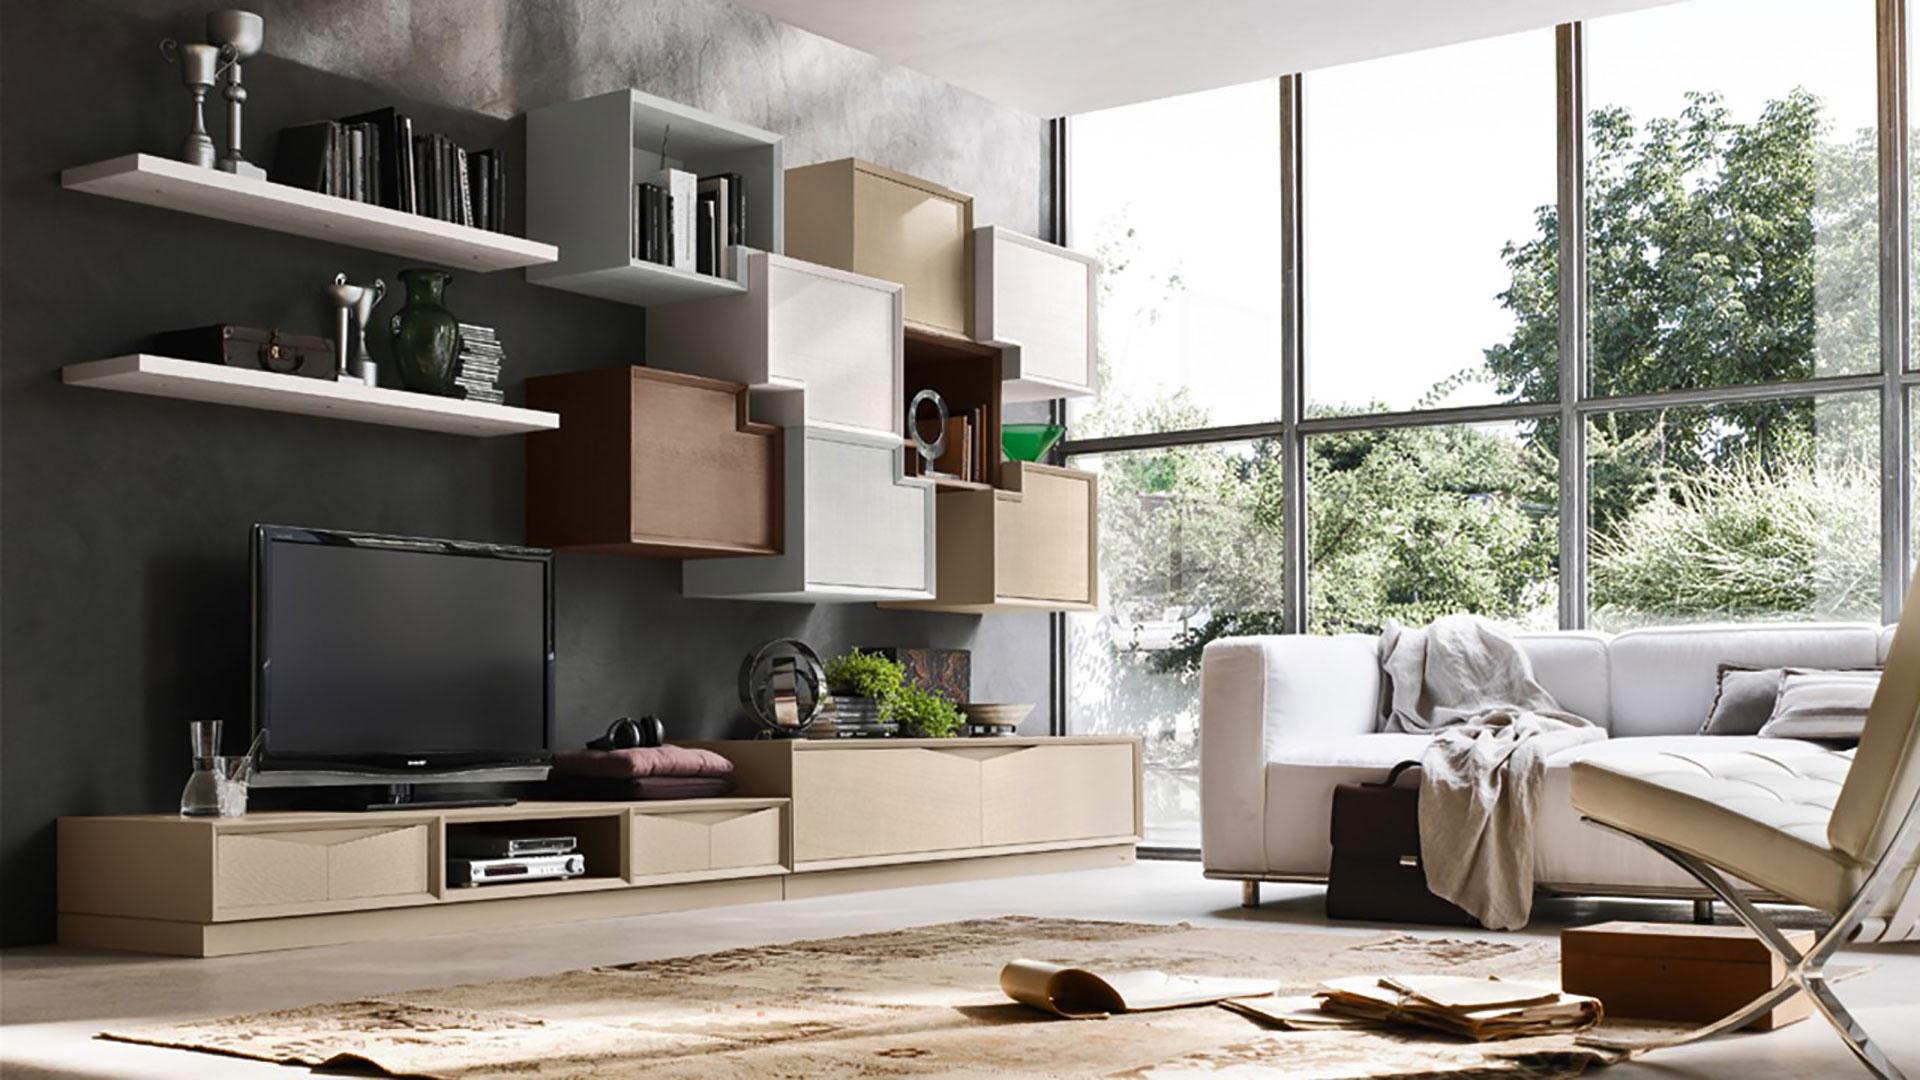 Vendita pareti attrezzate napoli improta arredamenti for Improta arredamenti napoli